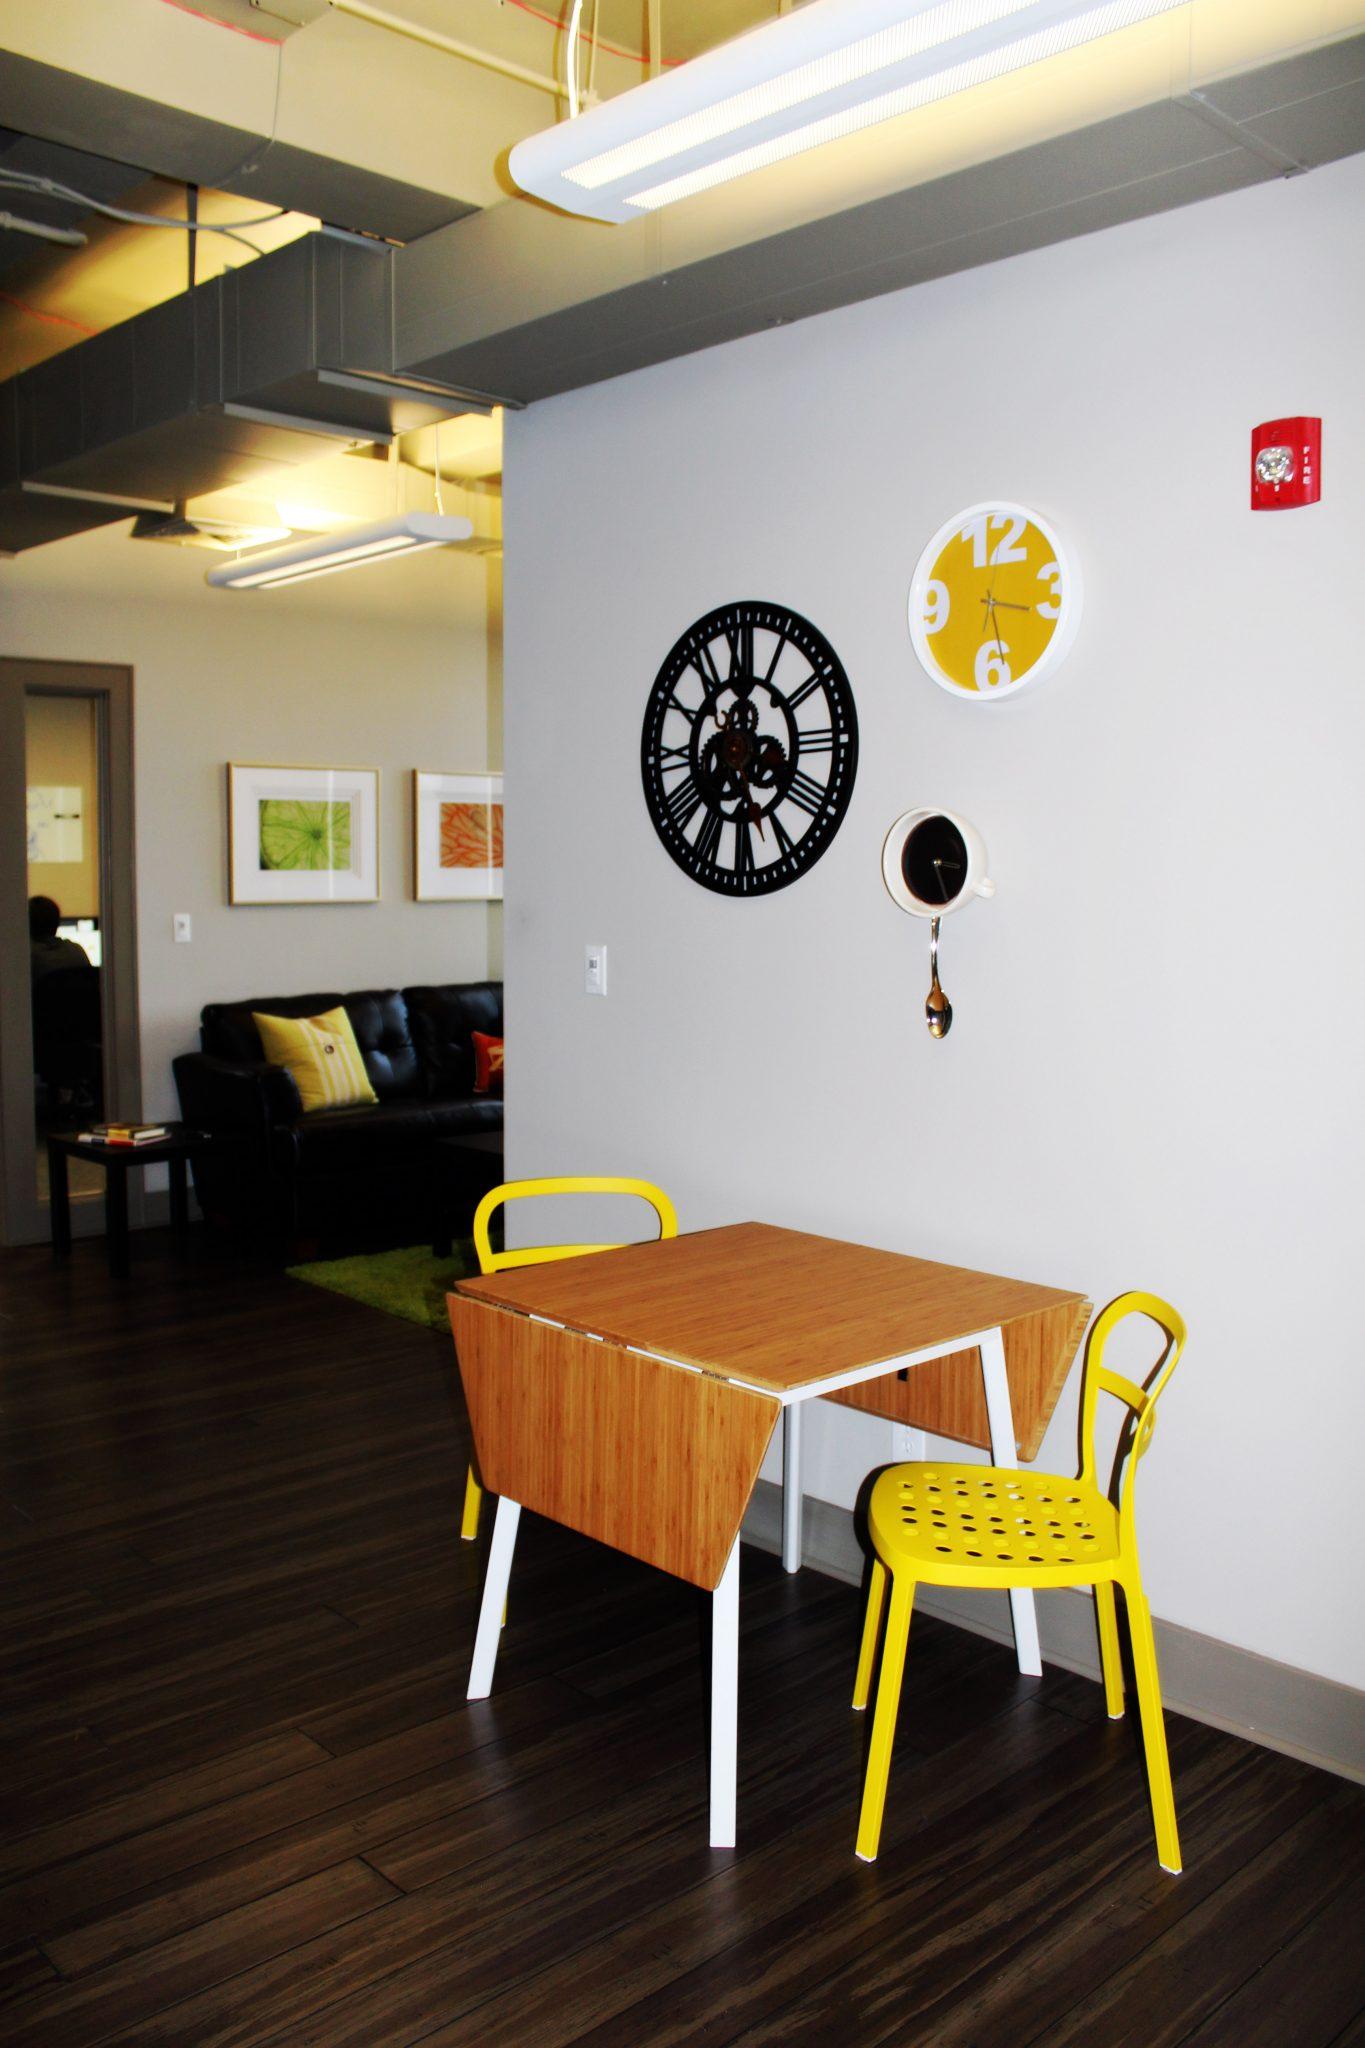 Commercial Office Break Area